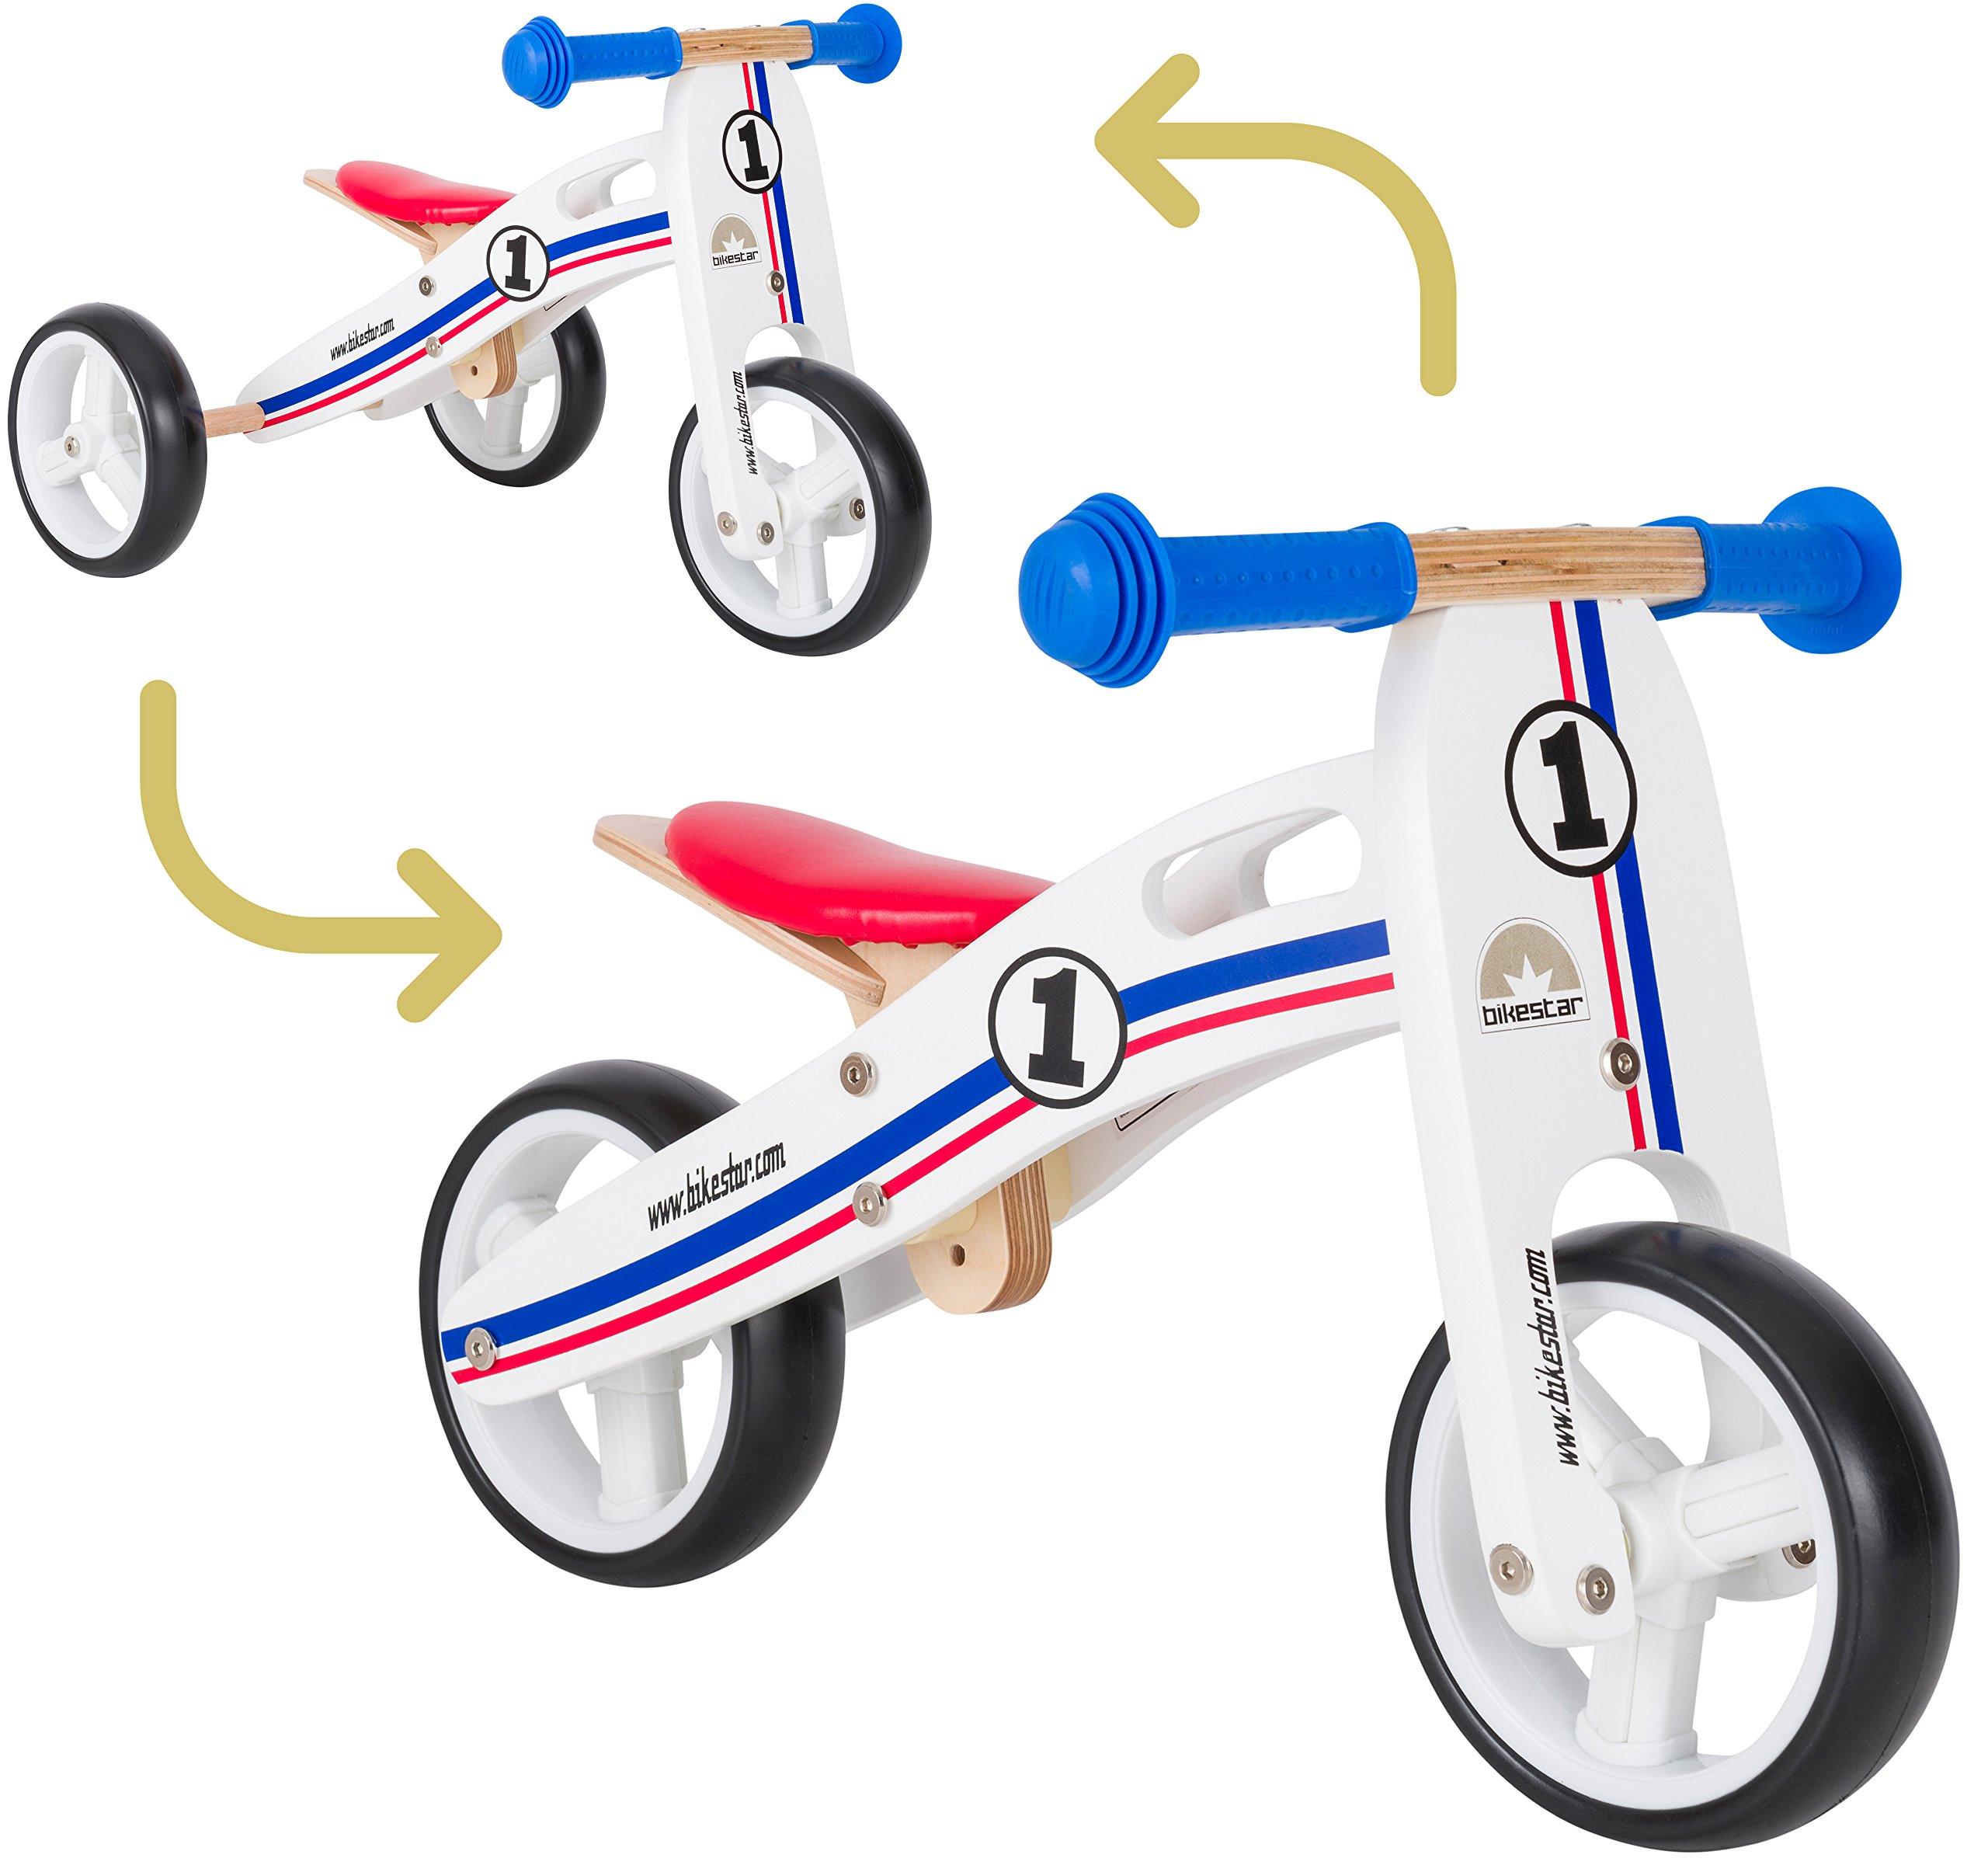 BIKESTAR Bicicleta de Equilibrio de Madera para niños de 18 Meses | 7 Pulgadas Convertible Mini 2 en 1 Bicicleta y Triciclo | Blanco Azul Rojo: Amazon.es: Juguetes y juegos